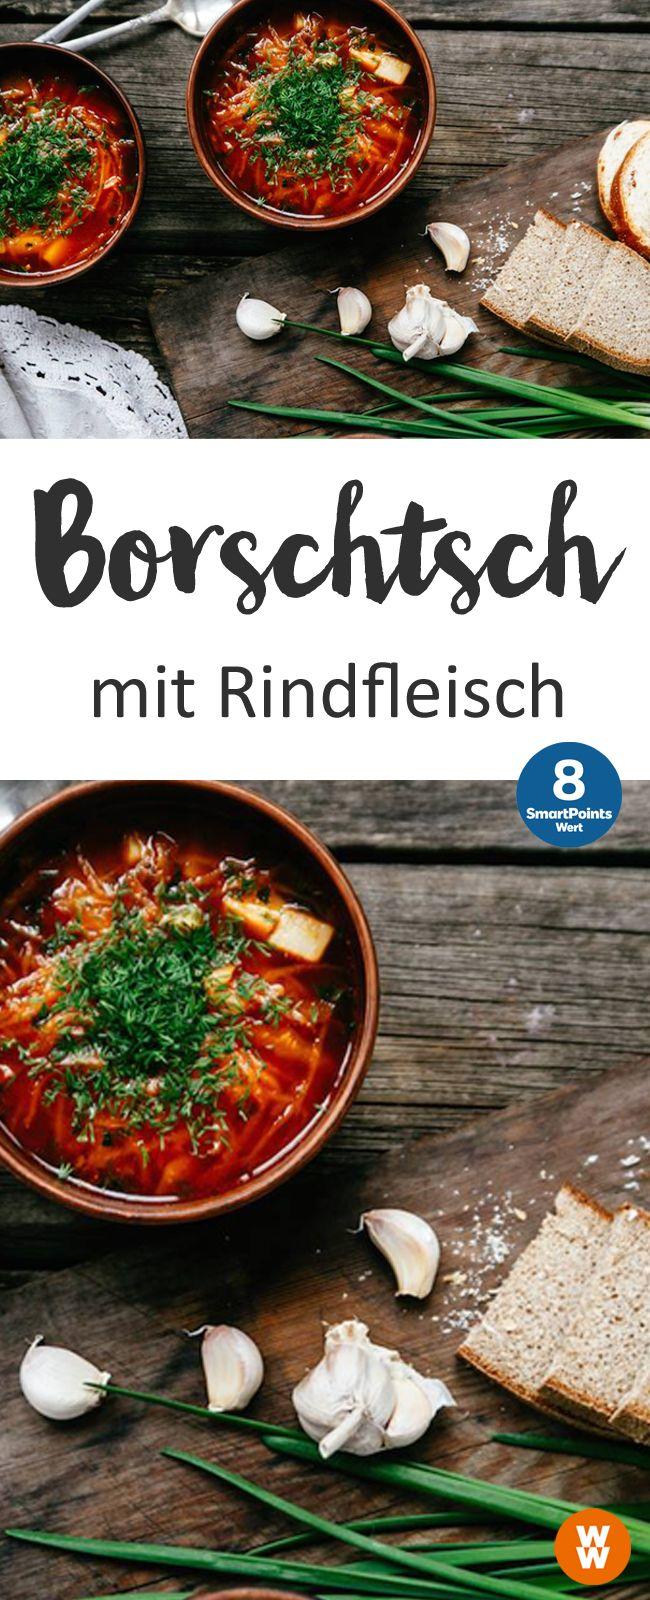 Borschtsch mit Rindfleisch | 4 Portionen, 8 SmartPoints/Portion, Weight Watchers, fertig in 80 min.